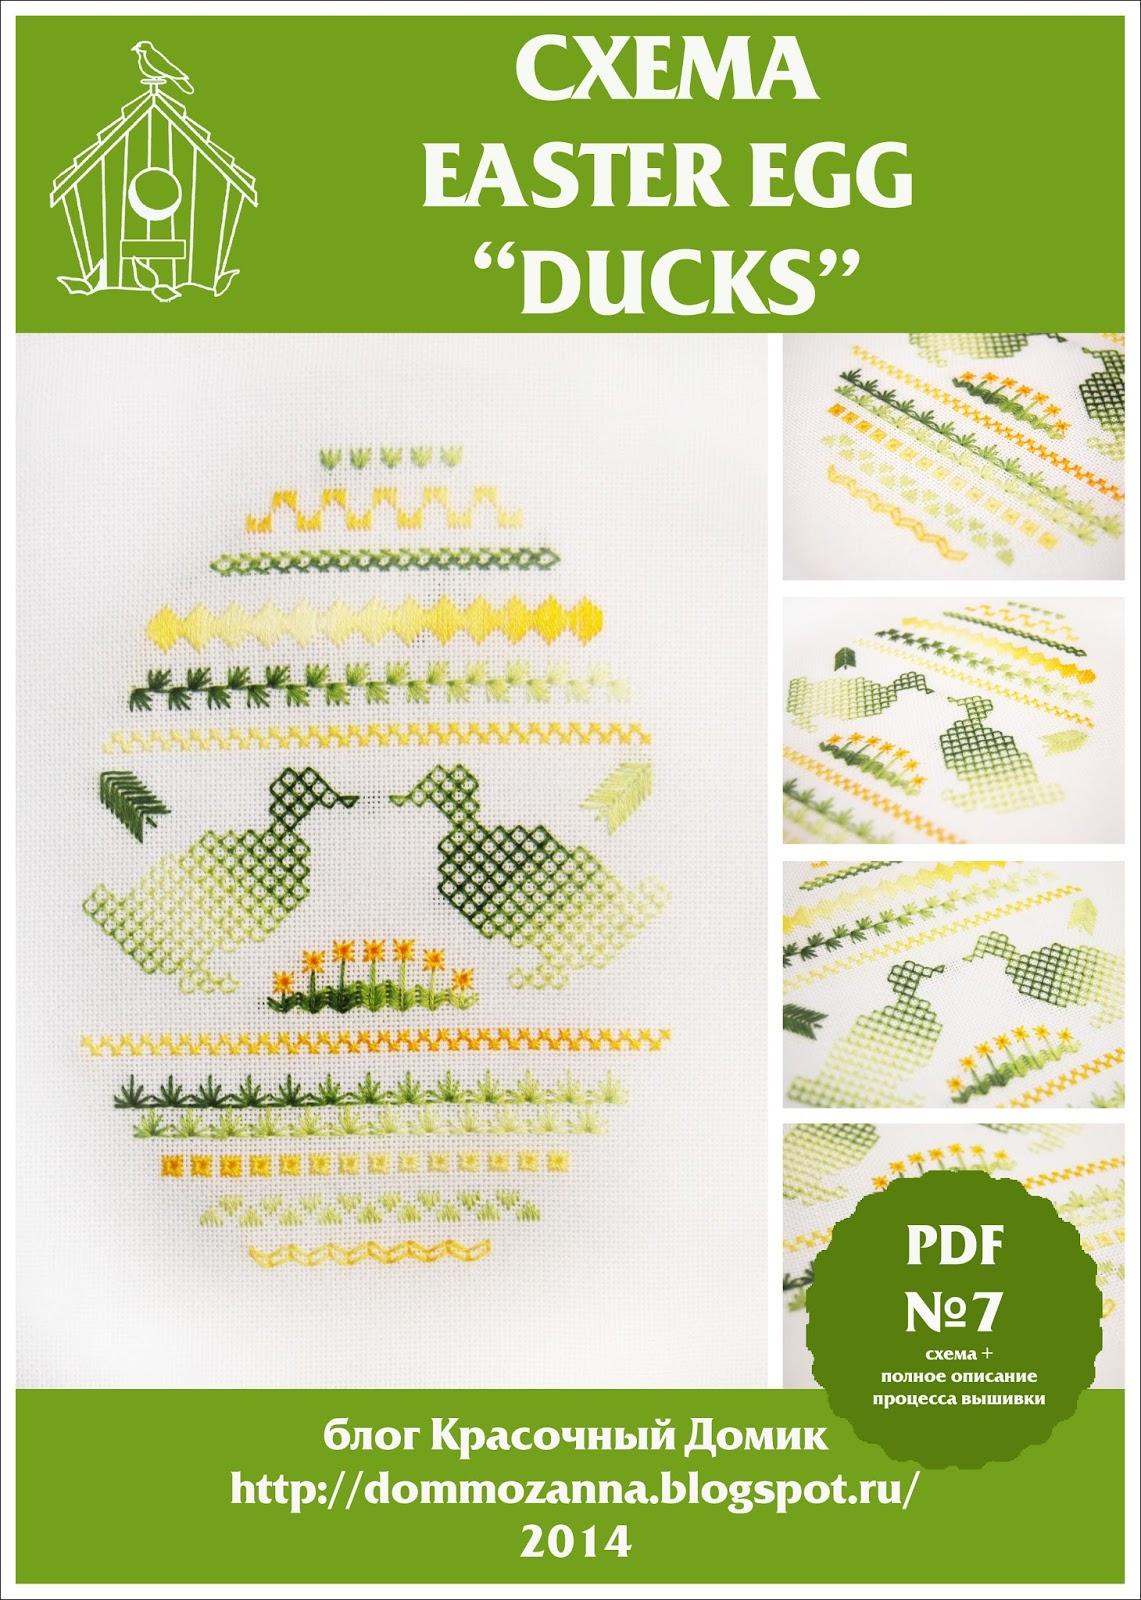 пасхальная вышивка Easter Eggs Ducks